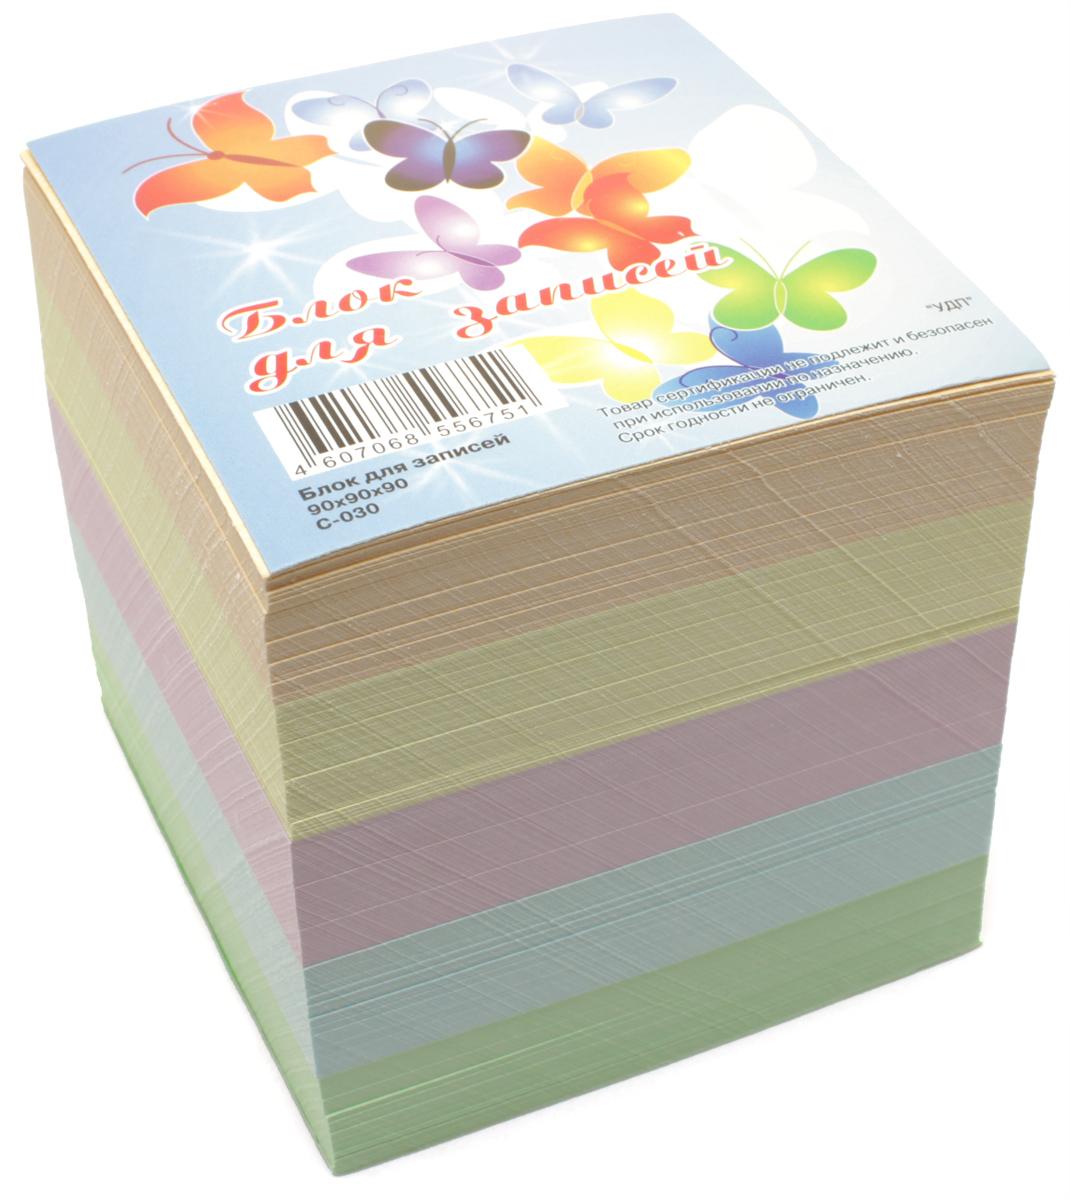 Ульяновский Дом печати Бумага для заметок цветная С-030С-030Бумага для заметок Ульяновский Дом печати - это удобное и практическое решение для быстрой записи информации дома или на работе. Блок состоит из листов цветной бумаги и имеет размер 9 см х 9 см х 9 см.